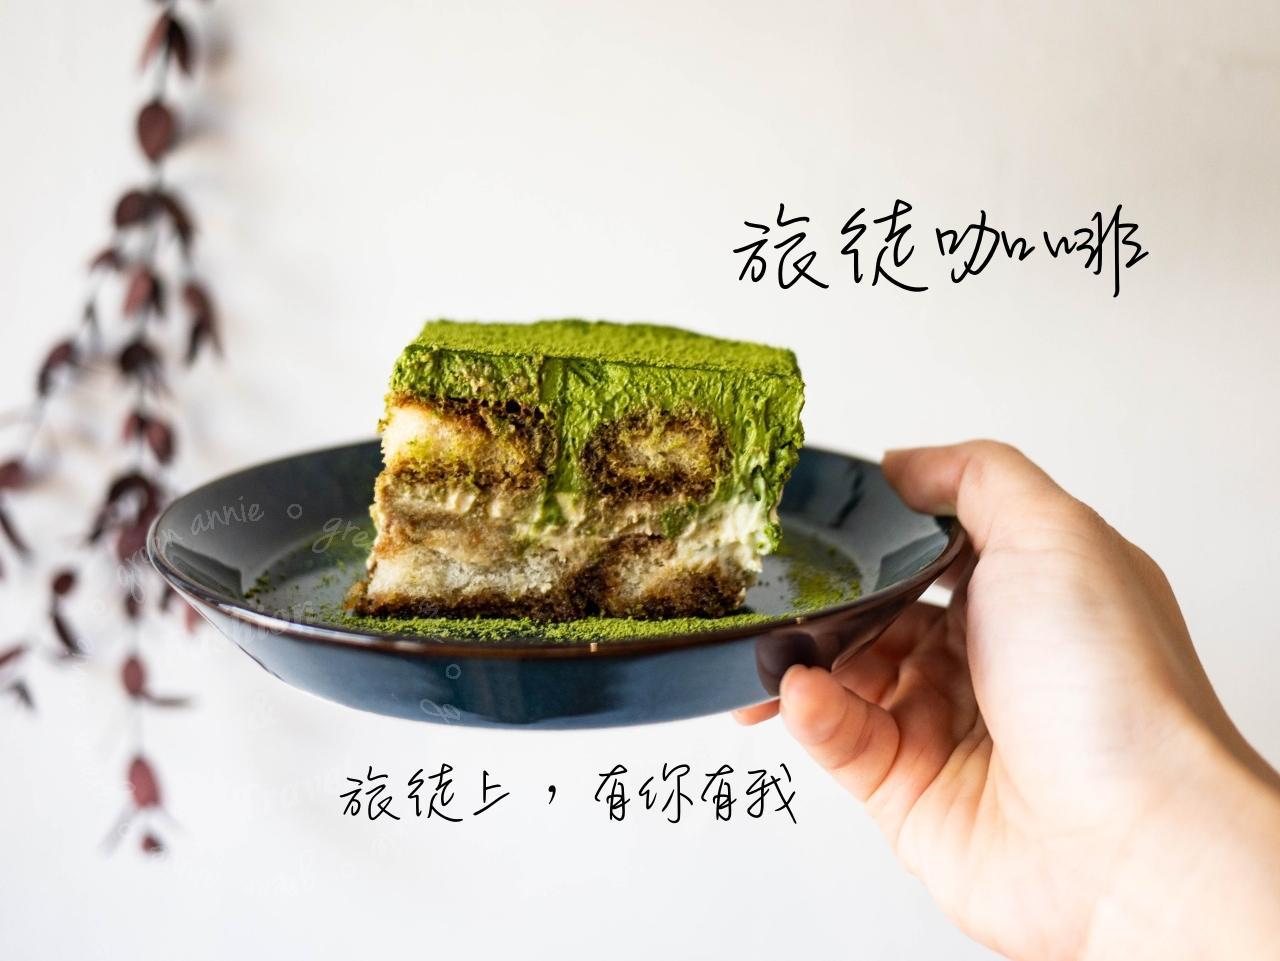 捷運松江南京咖啡廳:旅徒咖啡Voyager Cafe 必吃抹茶提拉米蘇和焦糖布蕾(附menu)